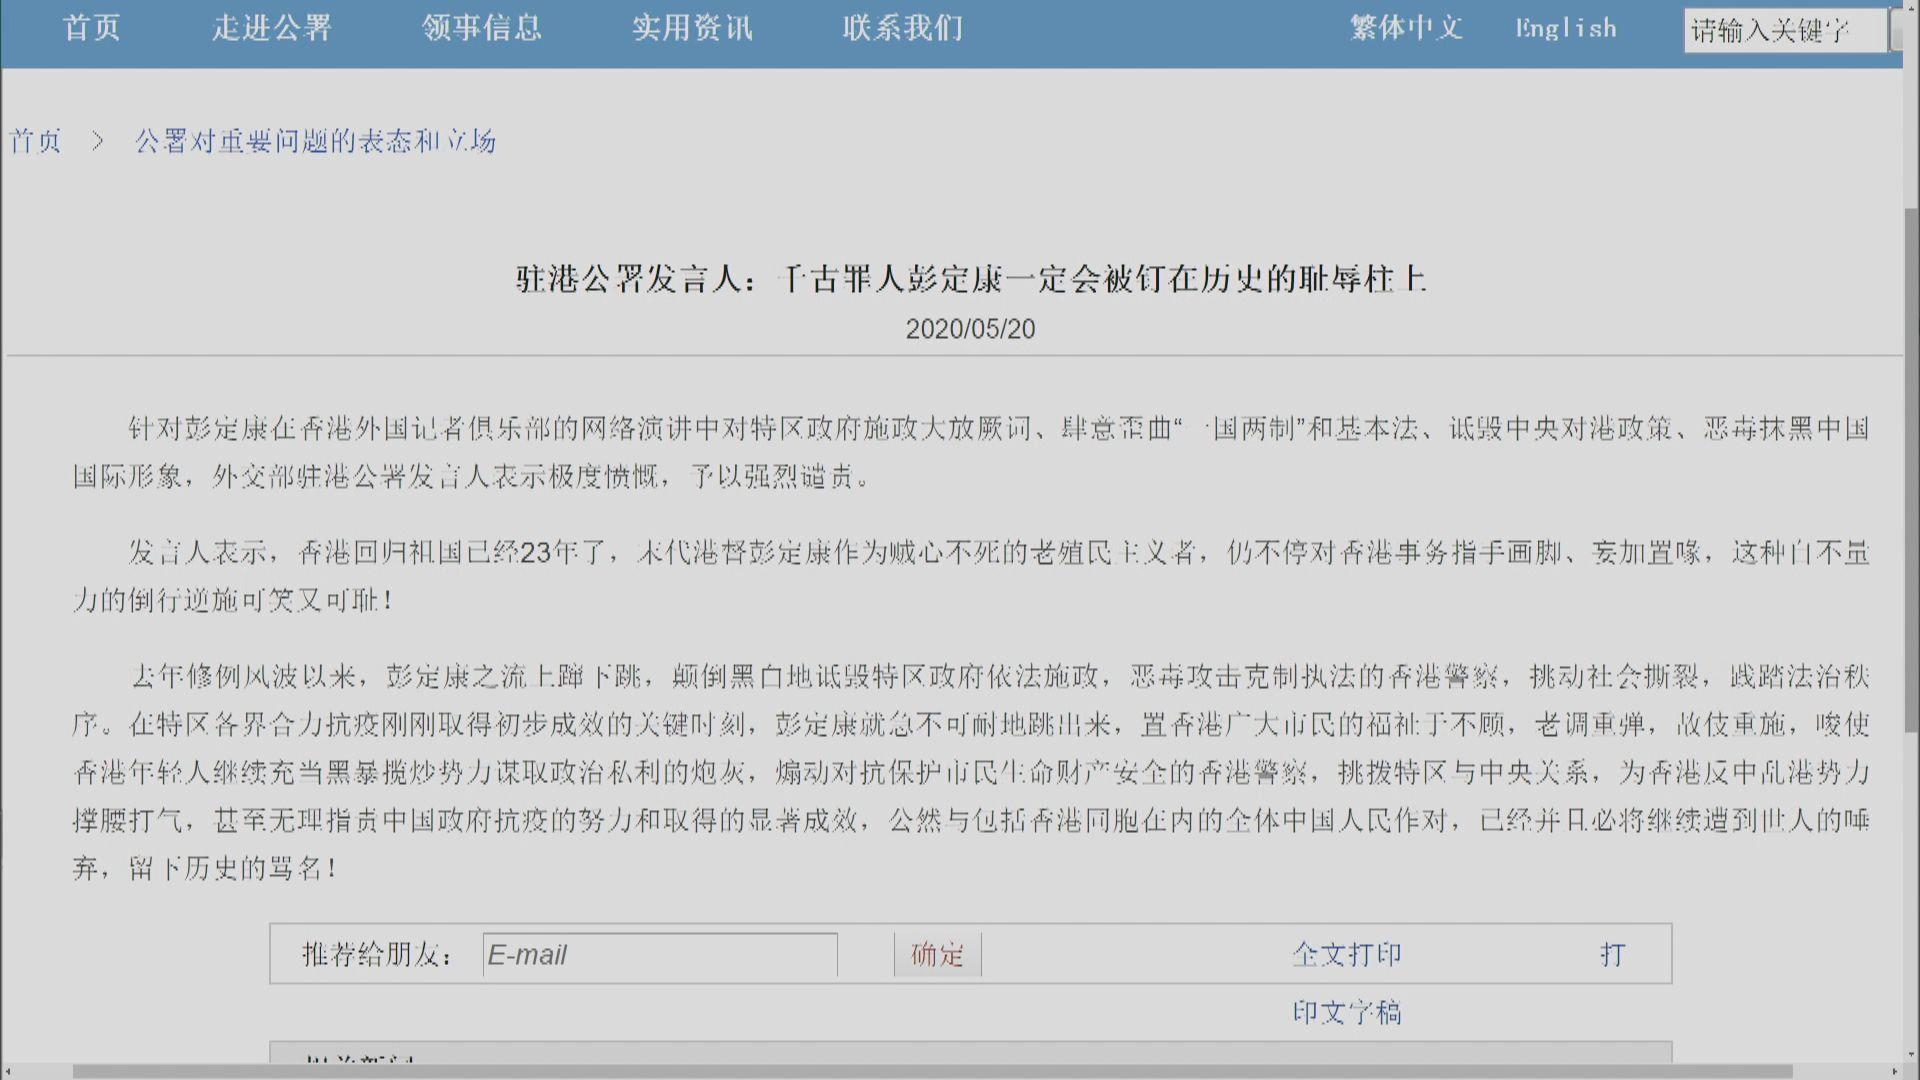 外交部駐港公署批彭定康賊心不死、老殖民主義者